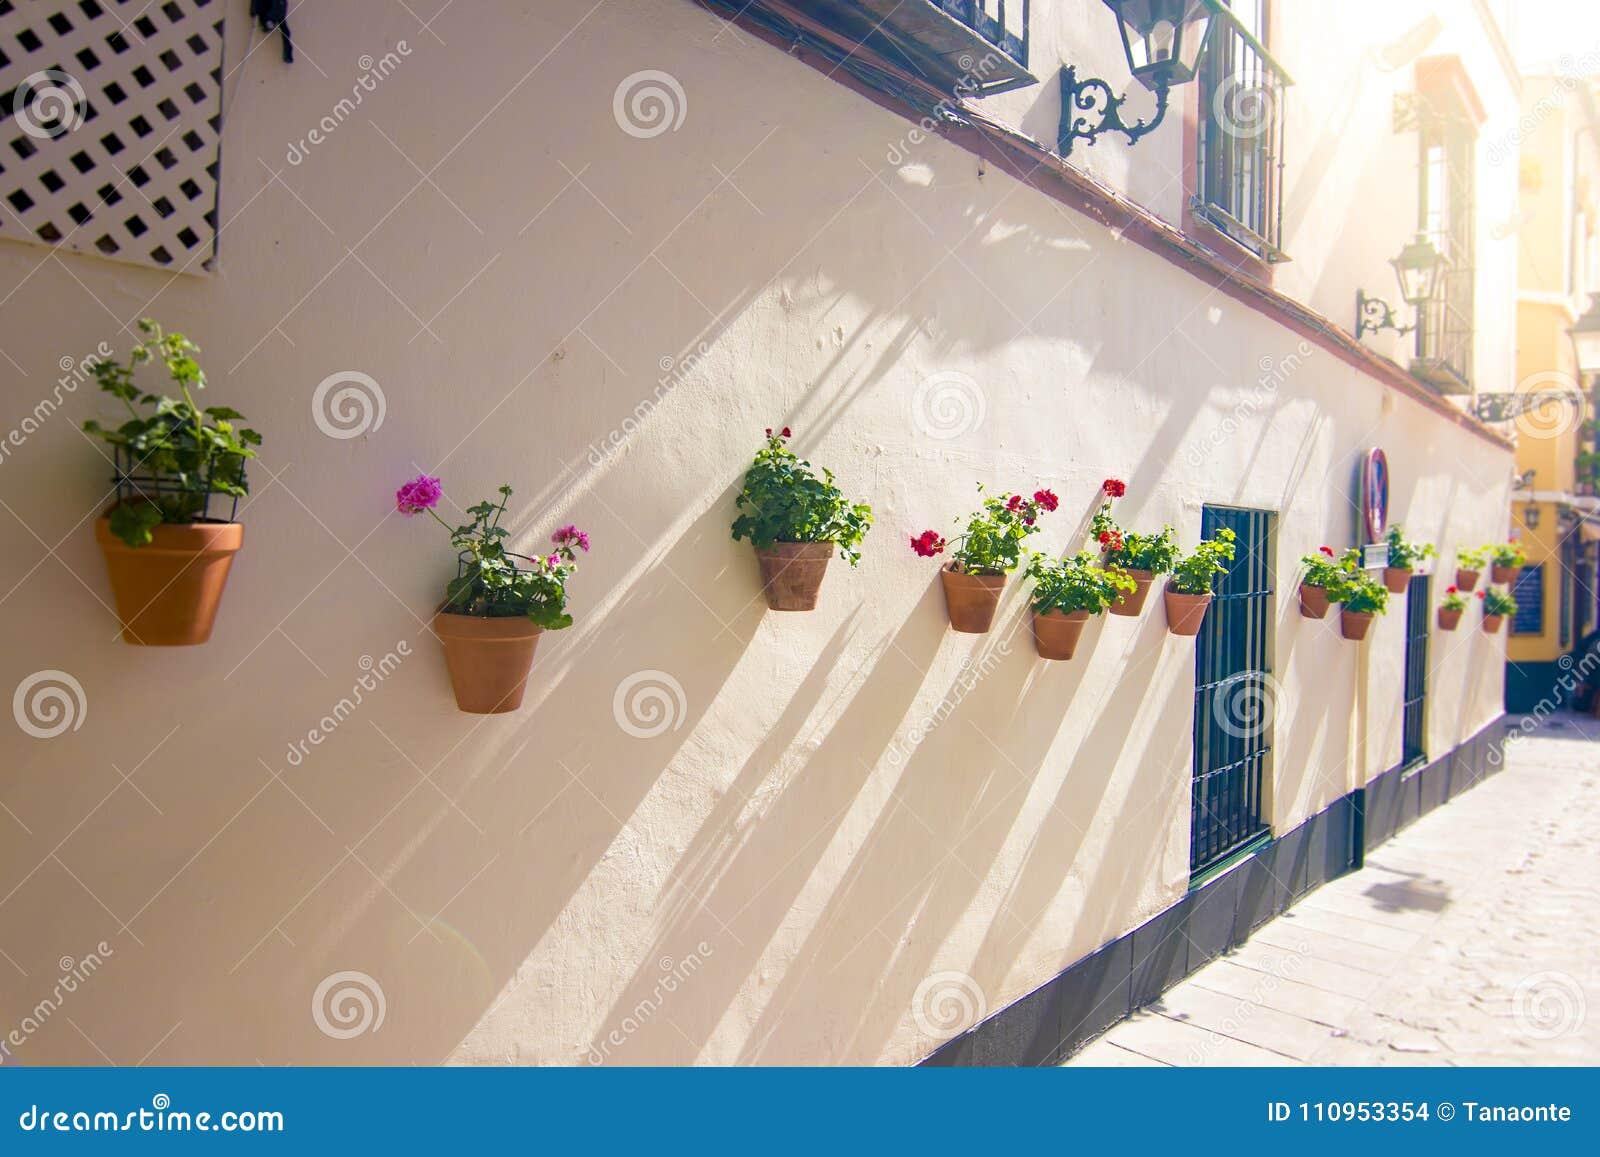 Blumentopfe Und Blumen Auf Einer Weissen Wand Alte Europaische Stadt